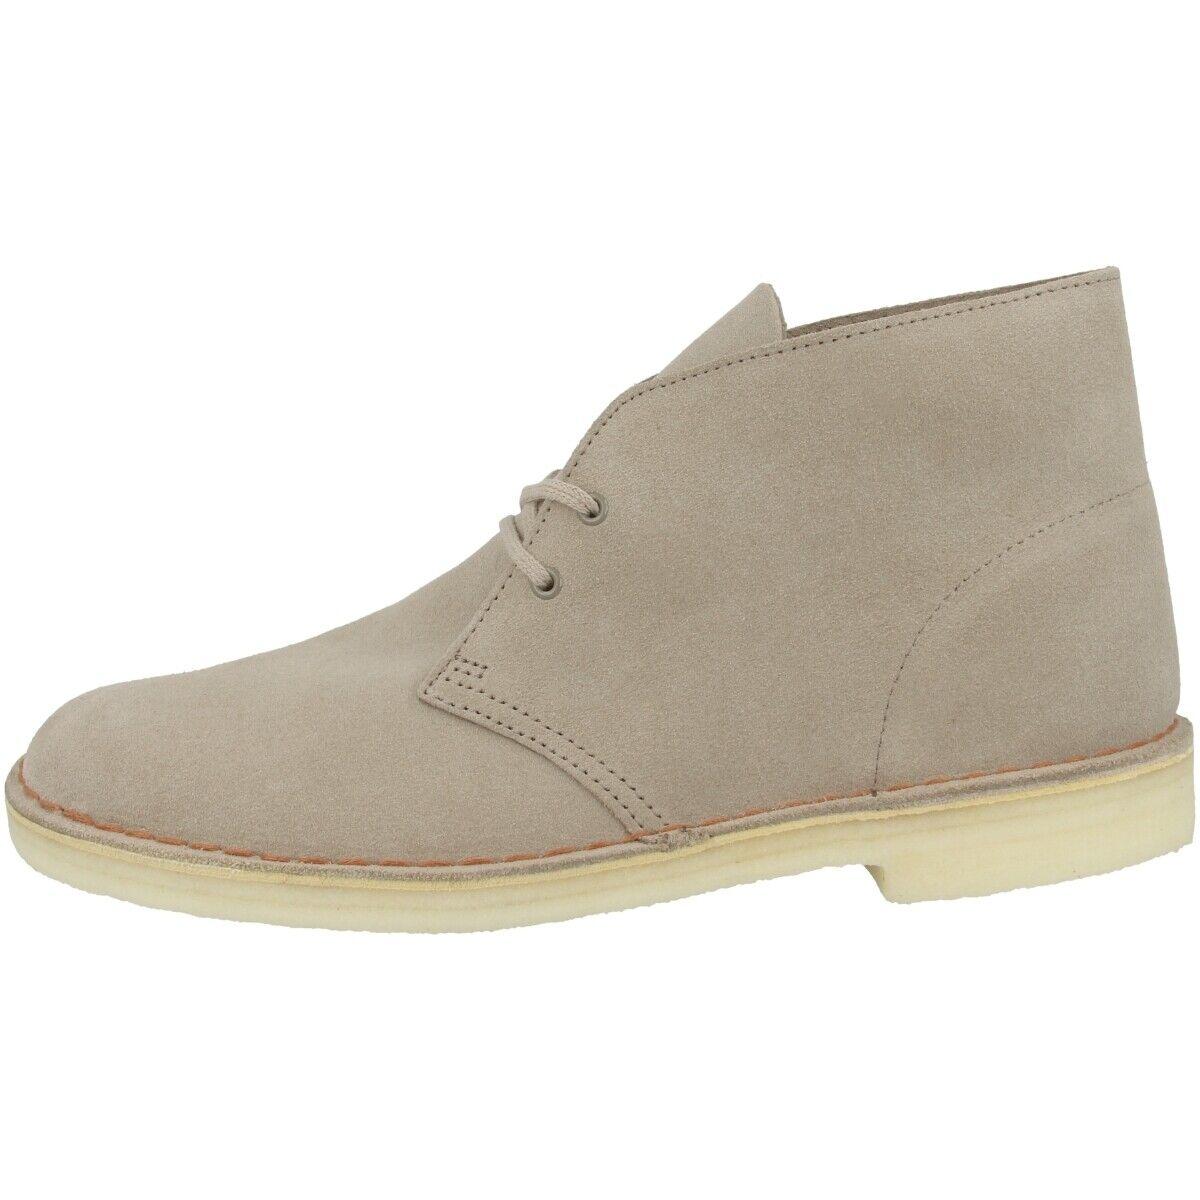 Clarks Desert bota Men zapatos caballero botas schnürzapatos arena Suede 26138235